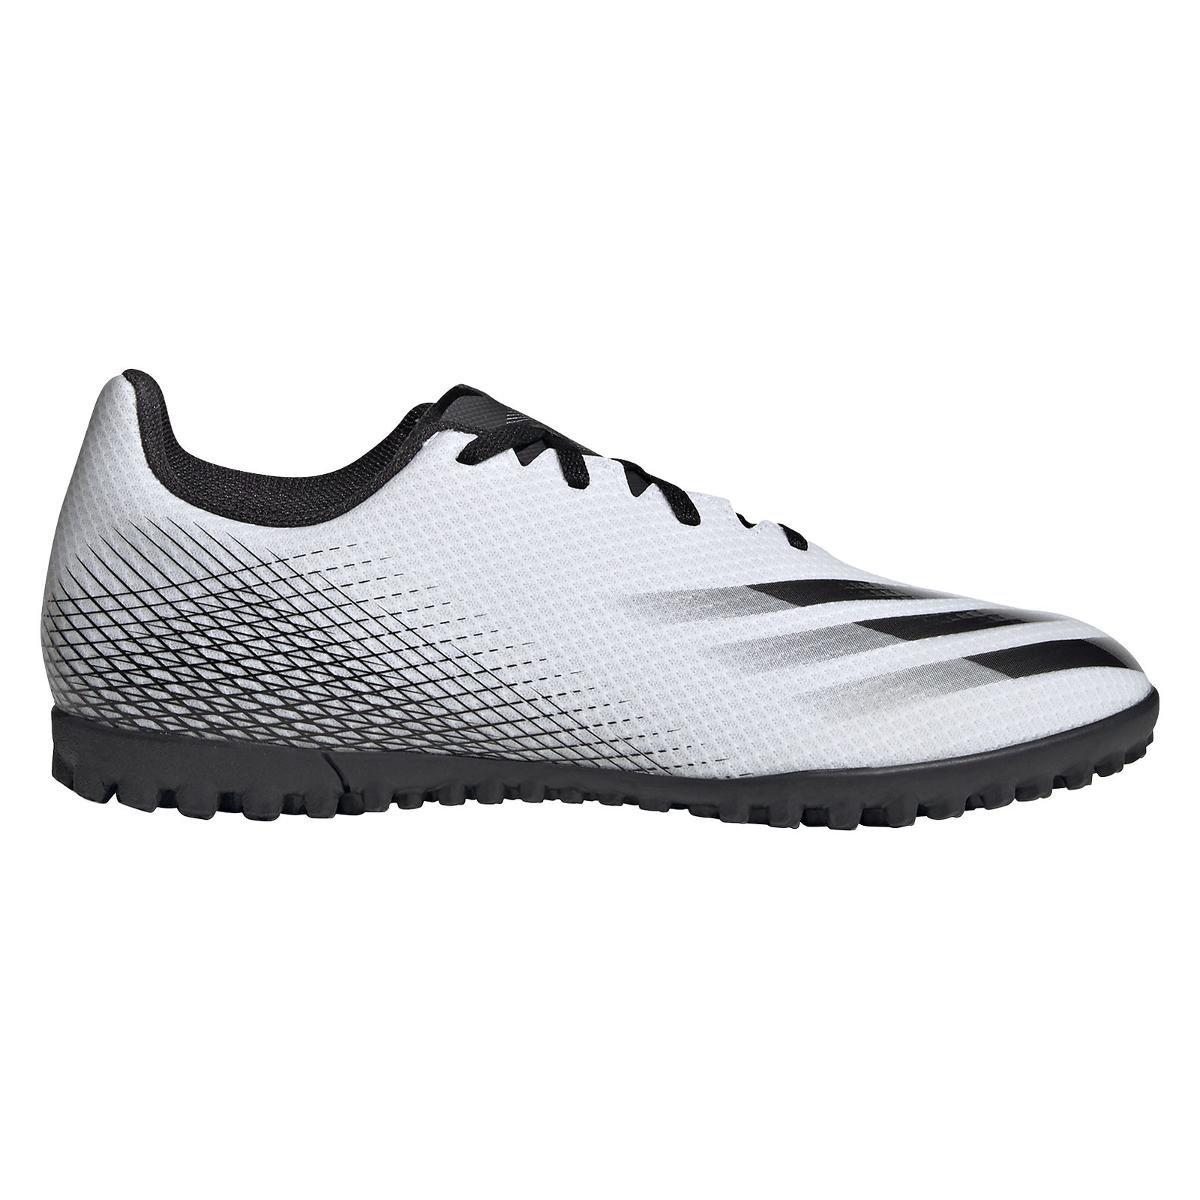 Buty Pilkarskie Turfy Adidas X Ghosted 4 Tf Fw6789 R 42 6 Adidas Sport Sklep Empik Com